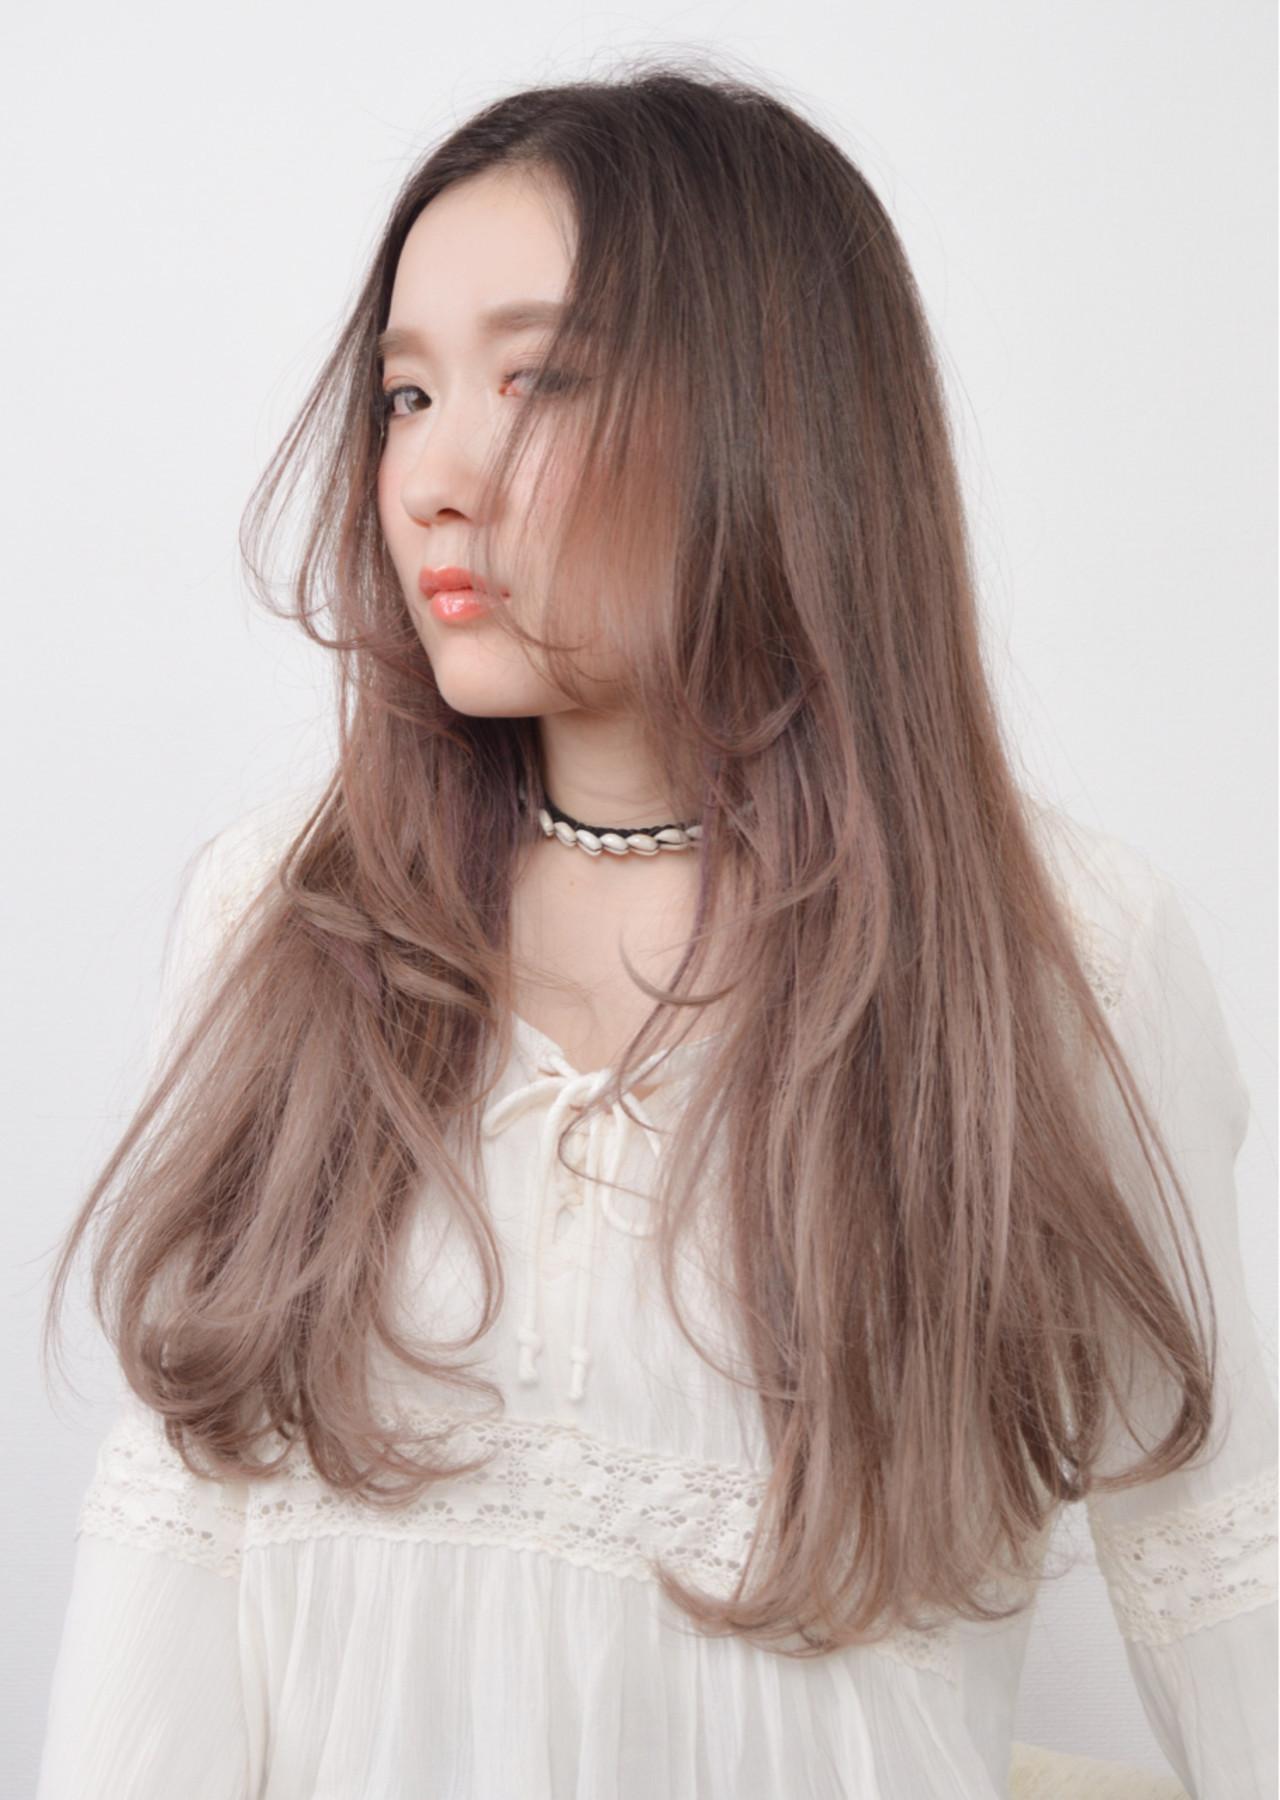 ラベンダー 大人女子 ロング 小顔 ヘアスタイルや髪型の写真・画像